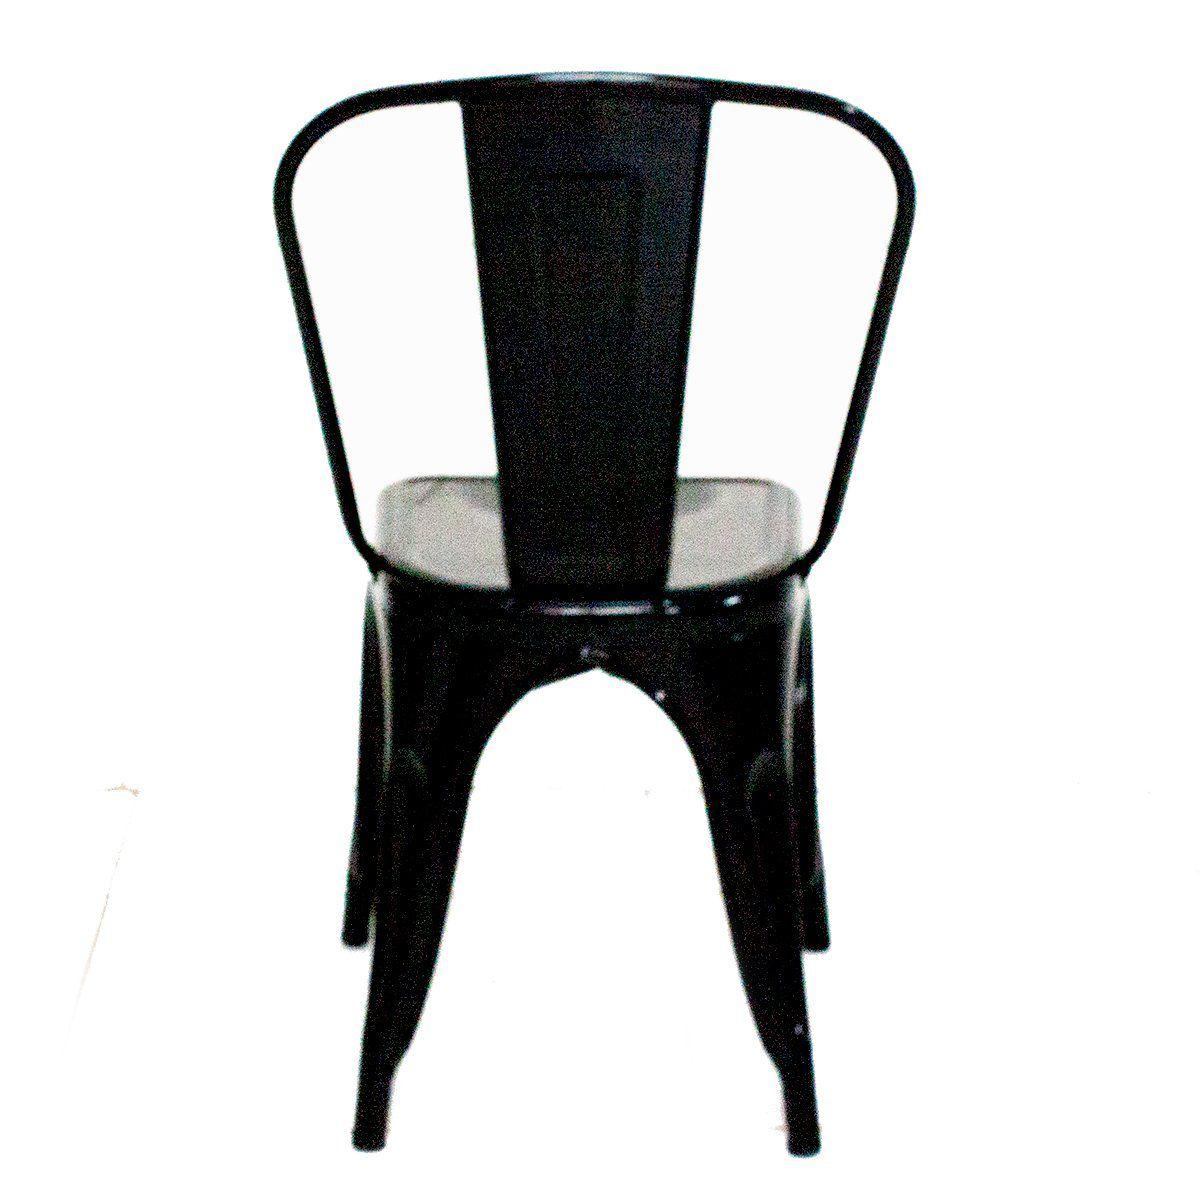 Cadeira Tolix Iron Design 84cm Cozinha Jantar Pequena Avaria